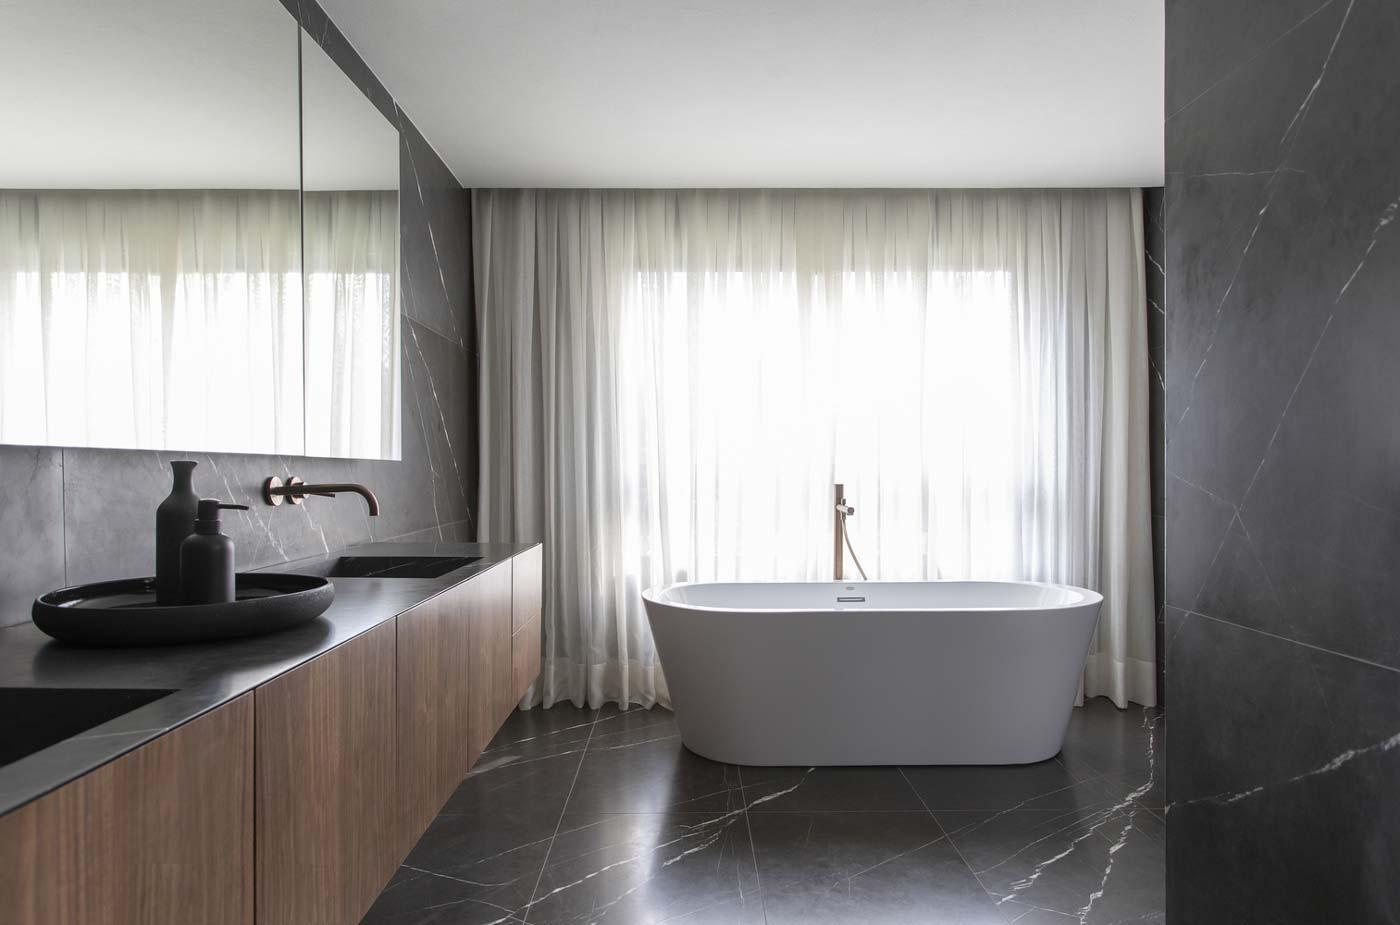 Bagno con vasca: tutto ciò che devi sapere prima di volerla